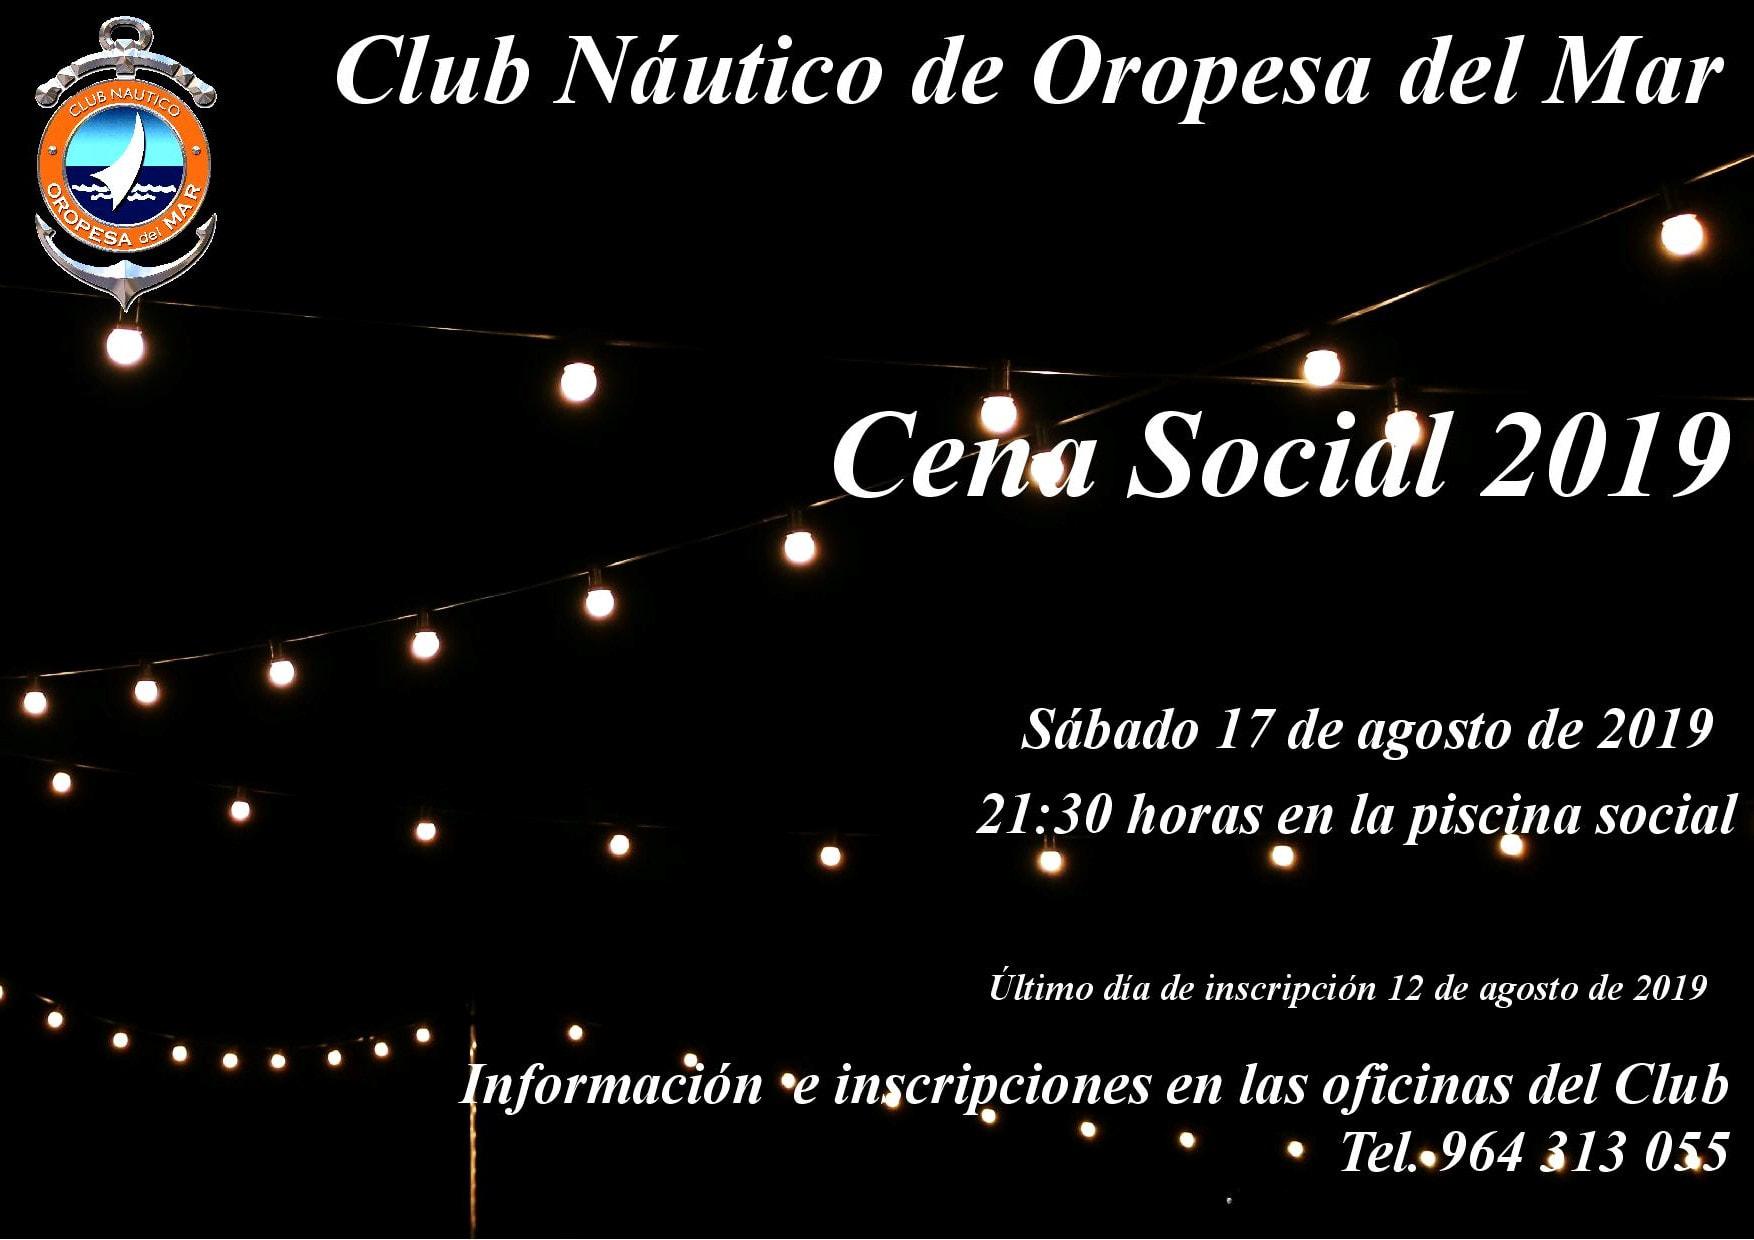 cartel cena social 2019 - Cena social 2019 CNOM